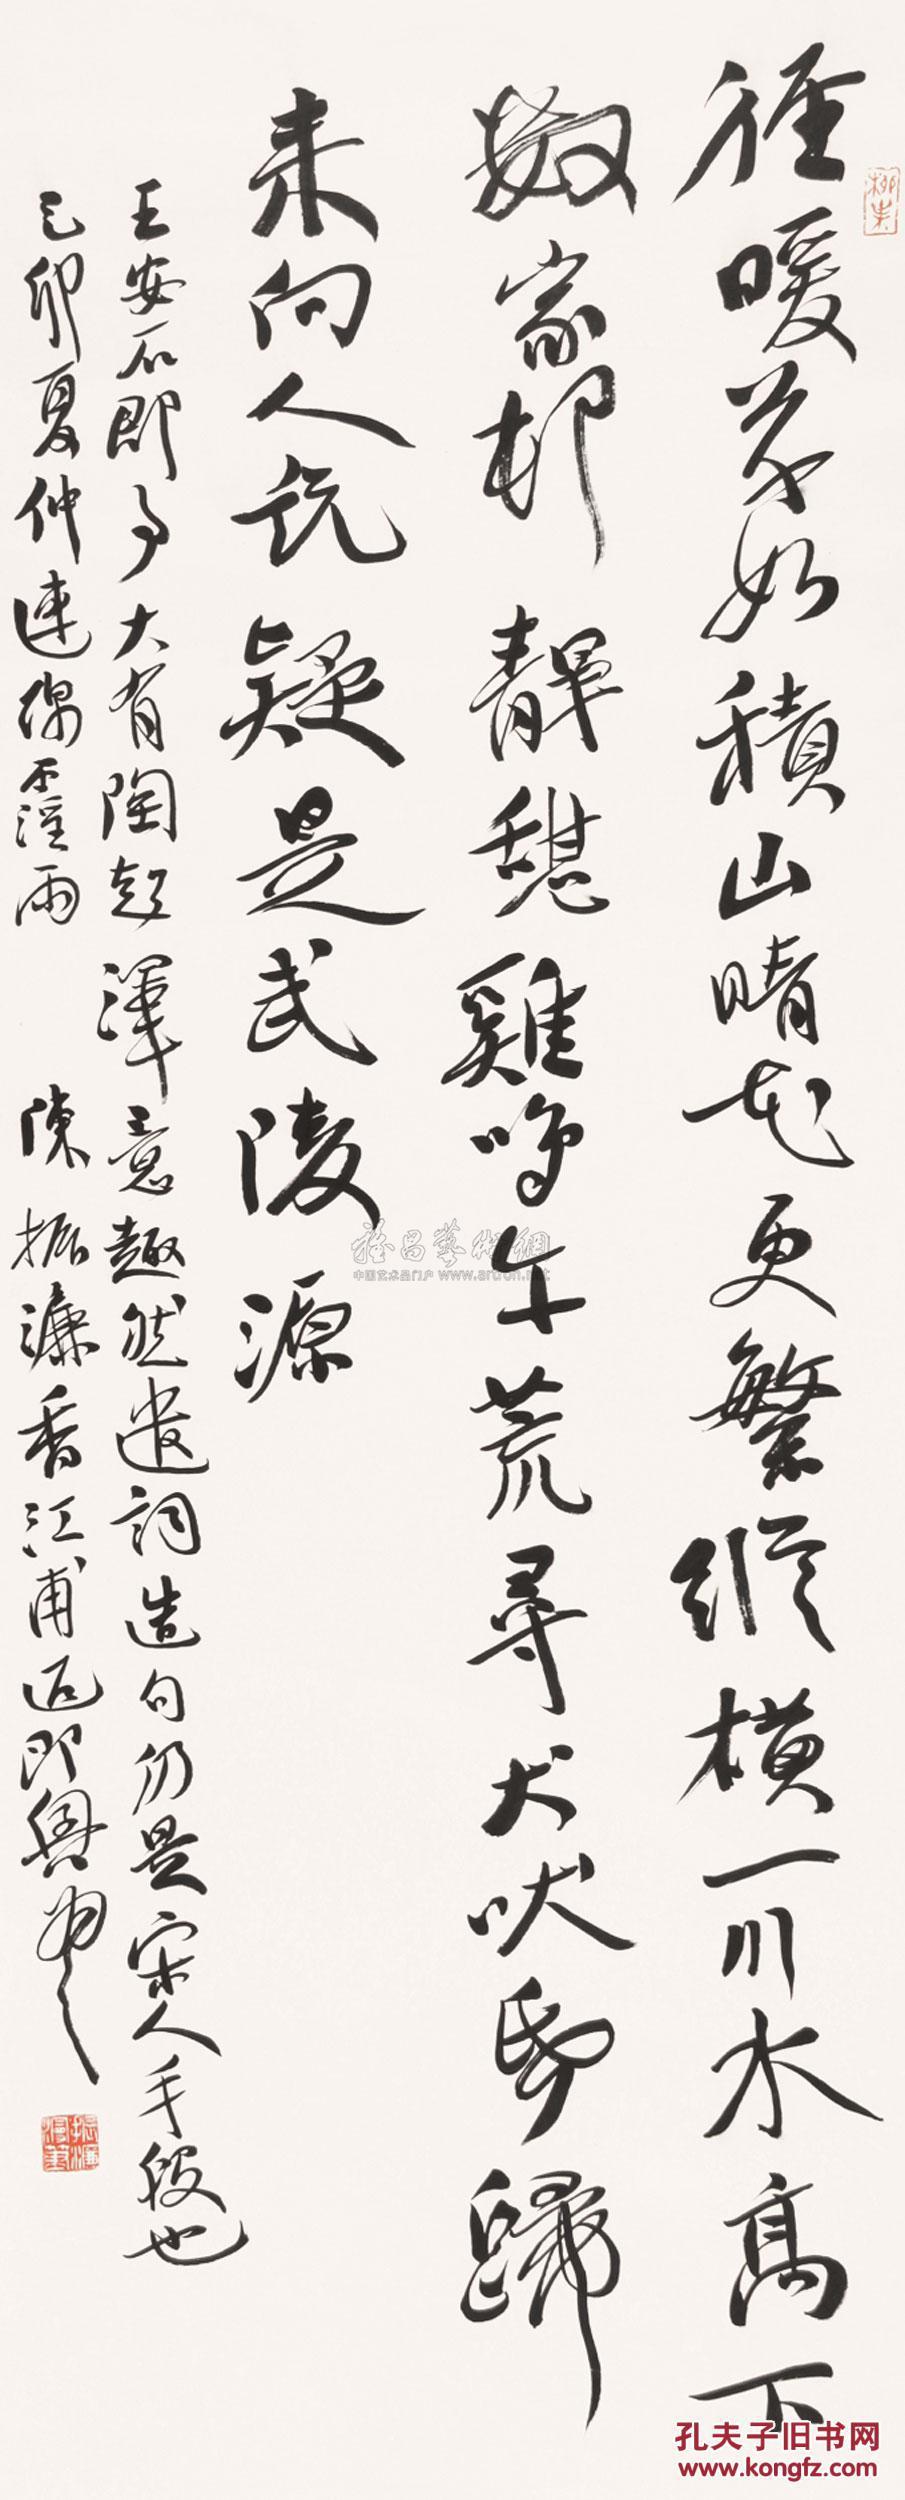 陈振濂 书法 中堂 2图片